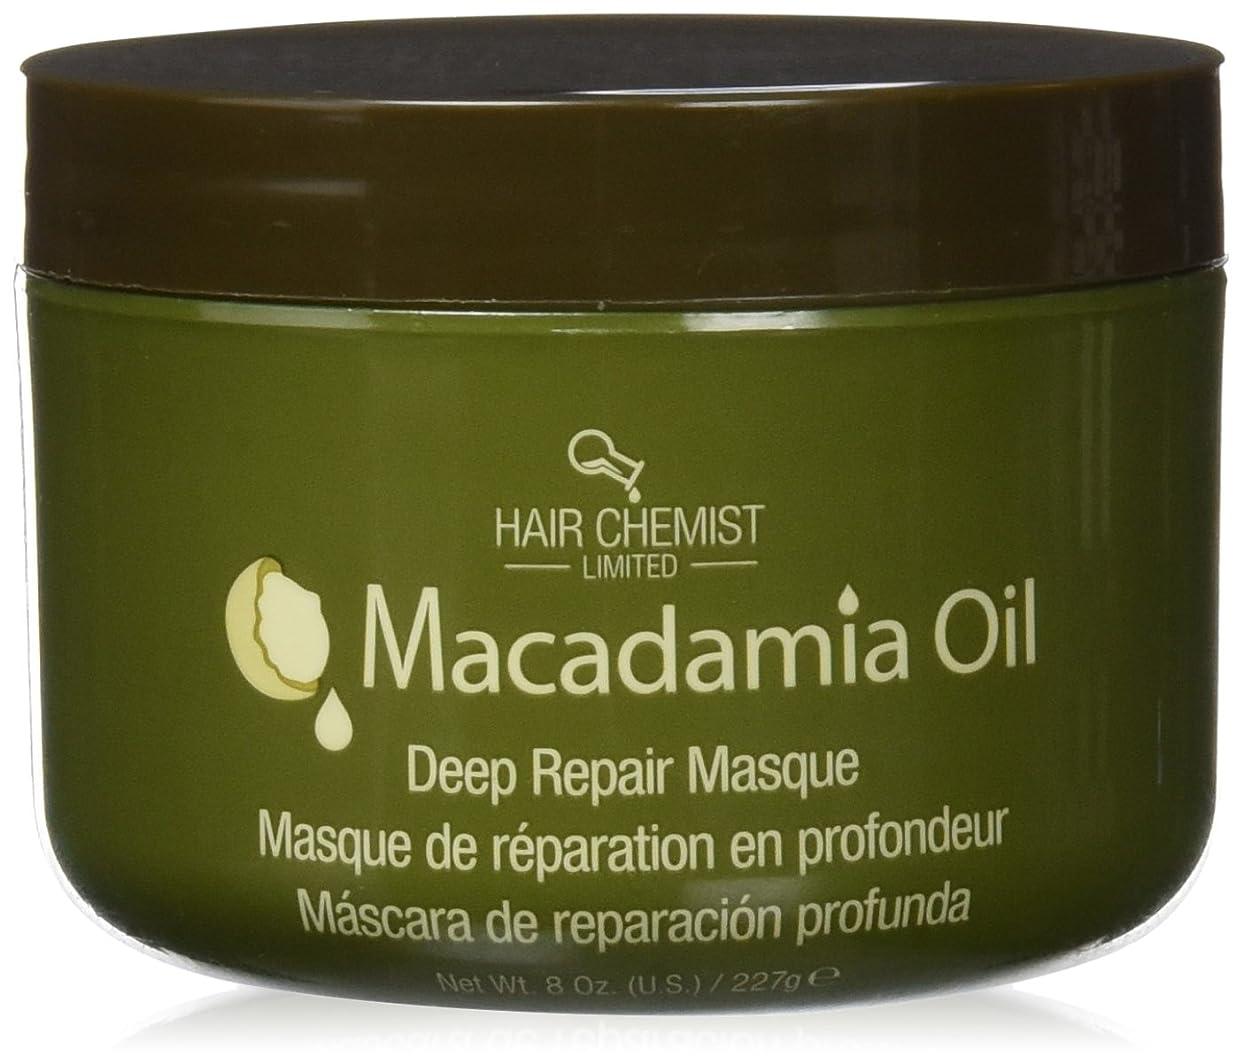 優れました位置するキャベツHair Chemist ヘアマスク マカダミア オイル ディープリペアマスク 227g Macadamia Oil Deep Repair Mask 1434 New York